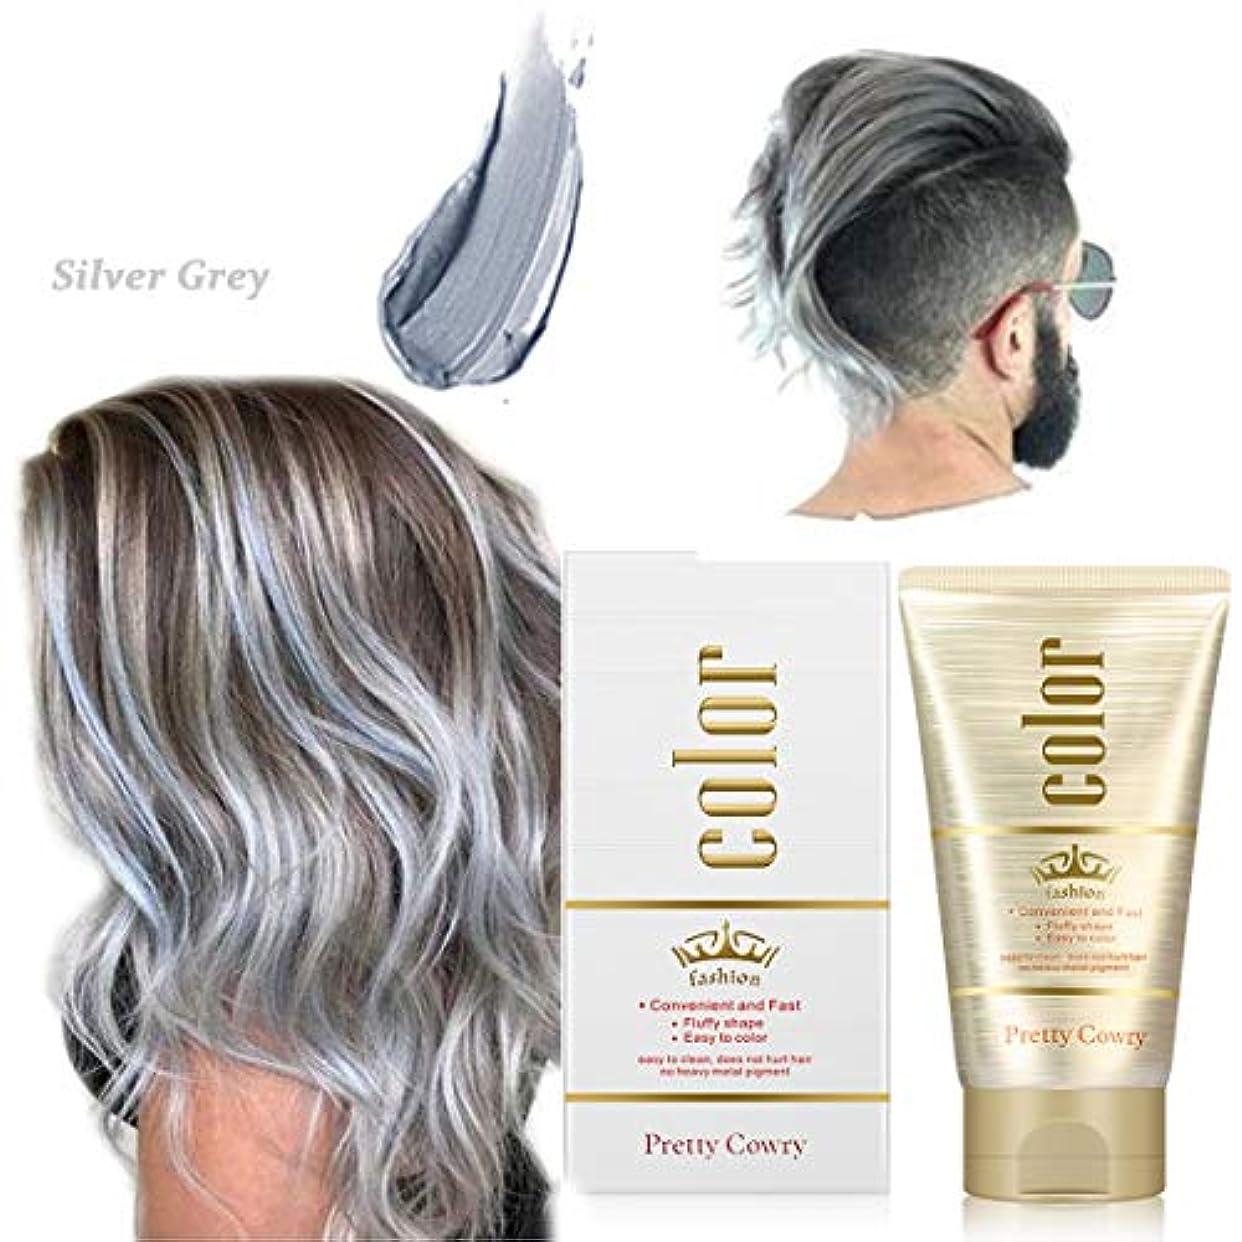 オープナー企業乳染めヘアワックス、ワンタイムカラースタイリング、スタイリングカラーヘアワックス、ユニセックス9色、diyヘアカラーヘアパーティー、ロールプレイング (Sliver grey)